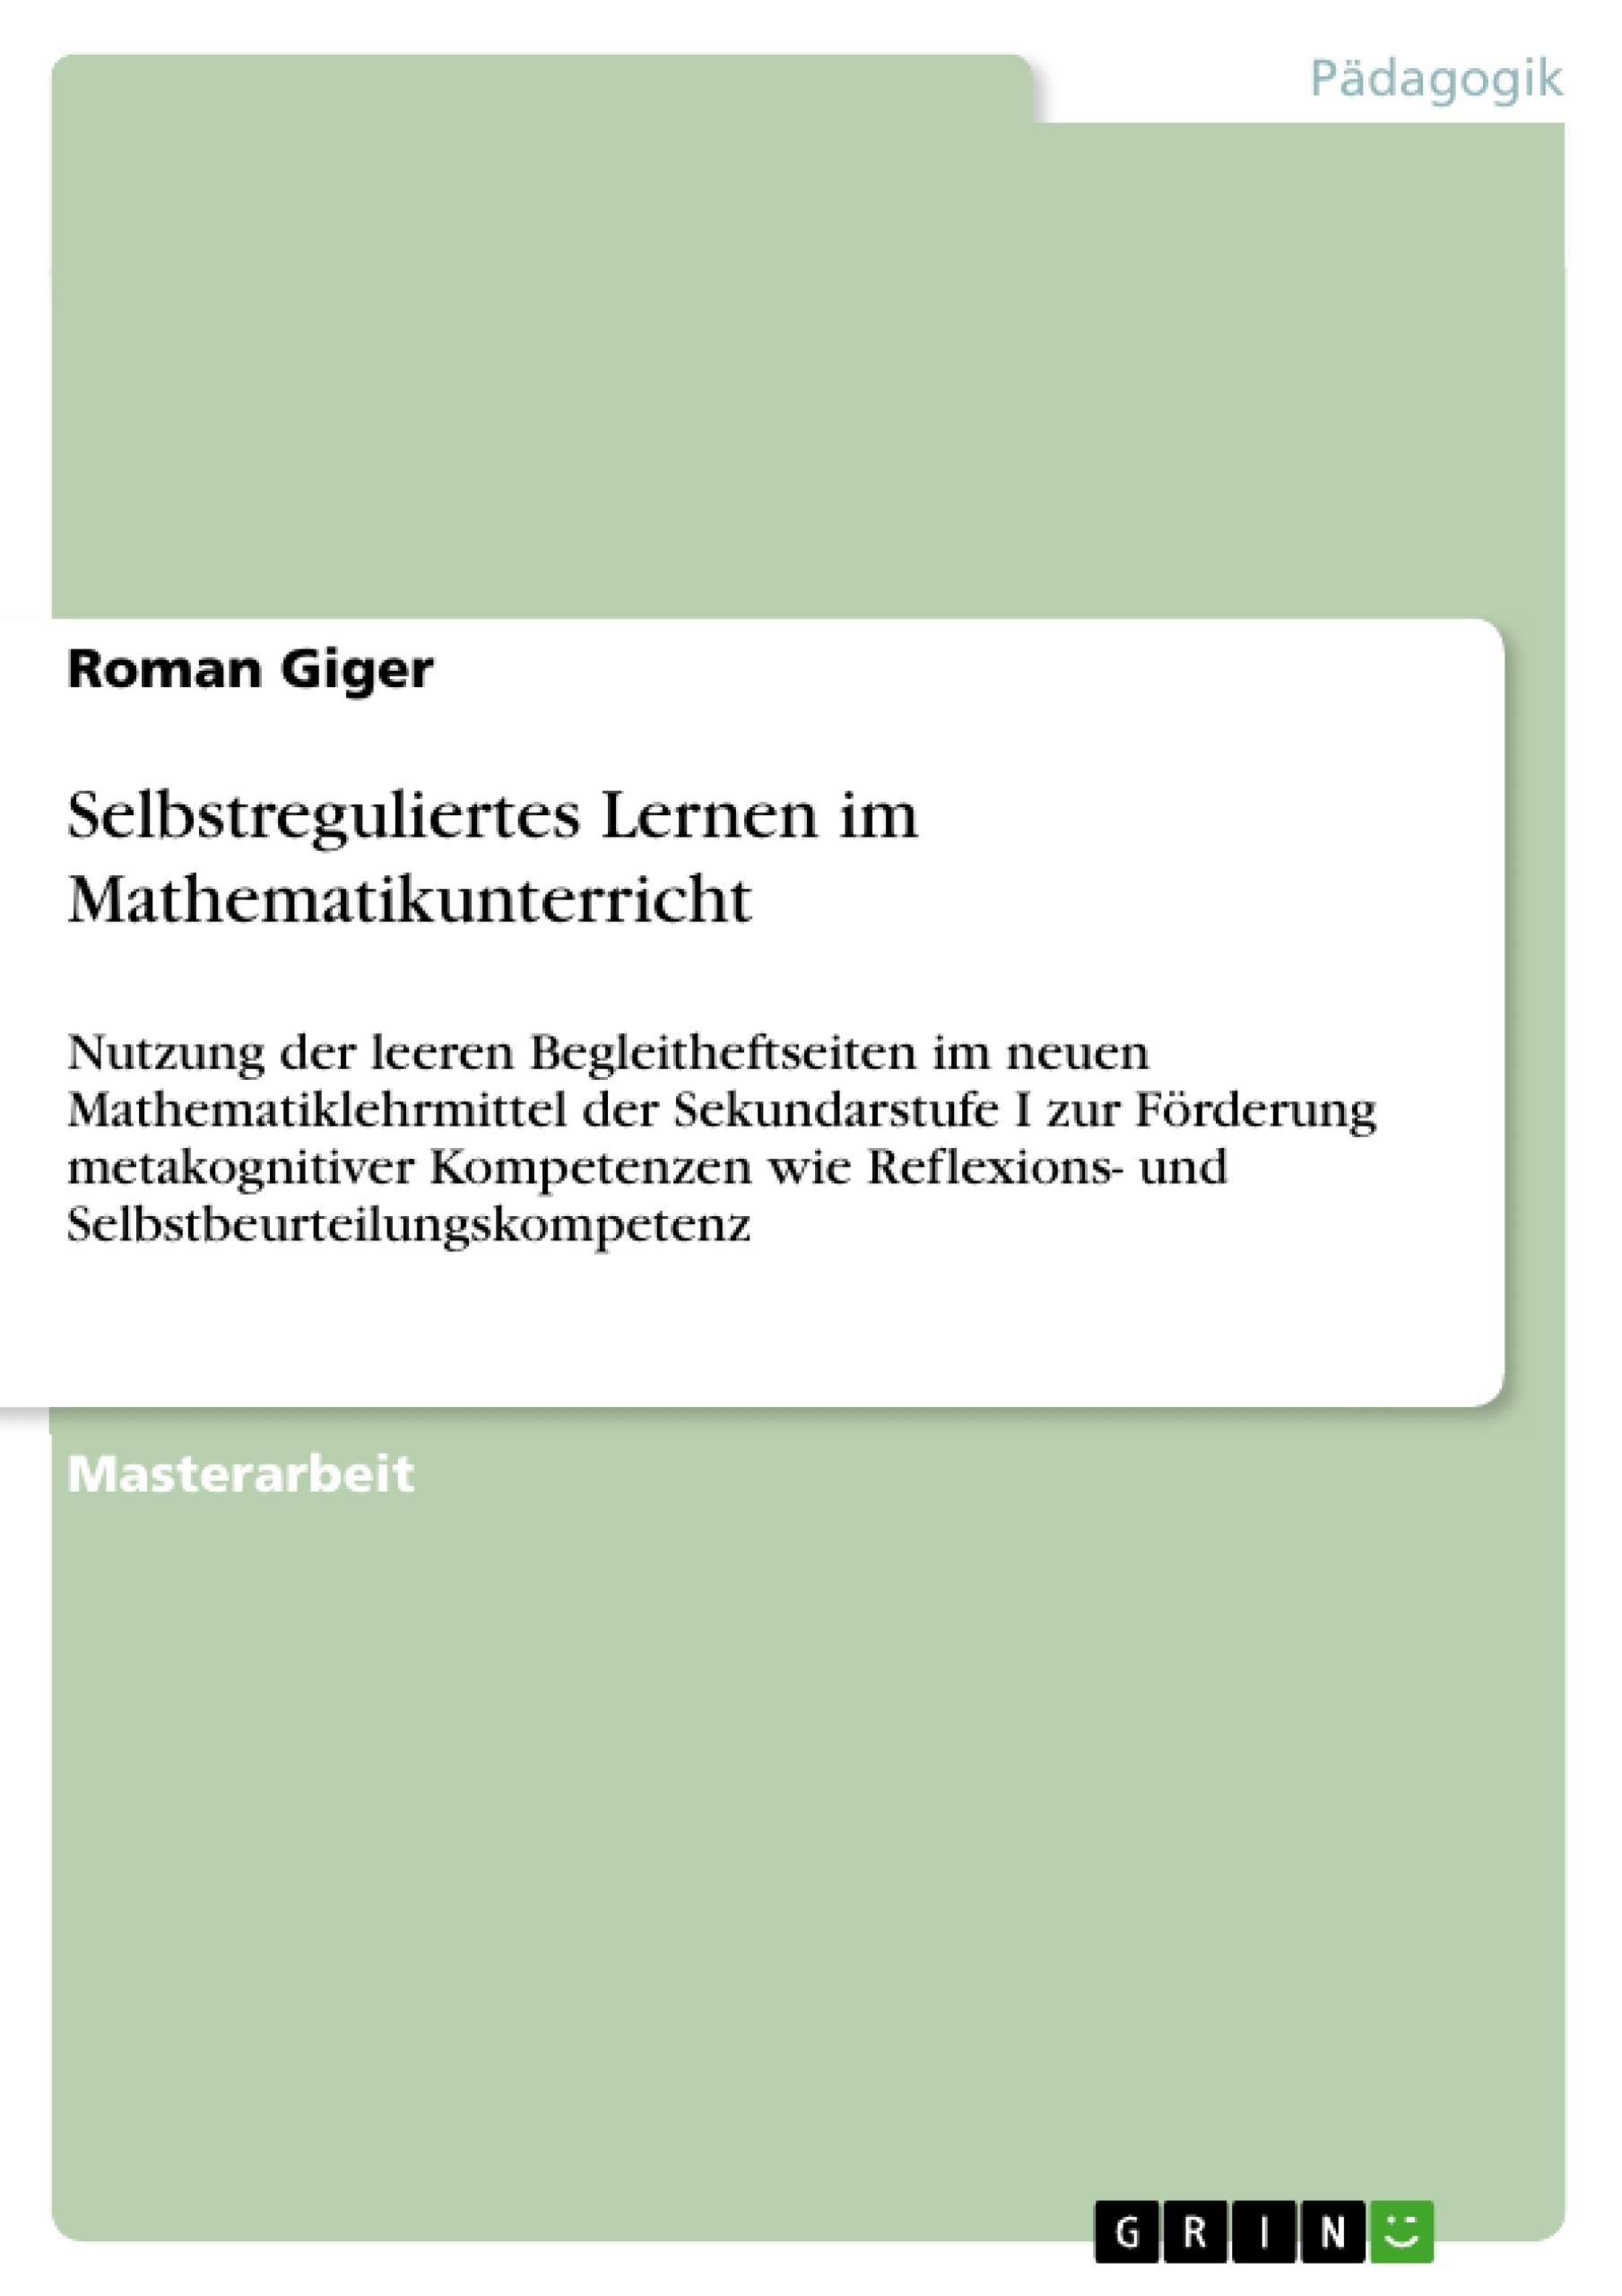 Titel: Selbstreguliertes Lernen im Mathematikunterricht